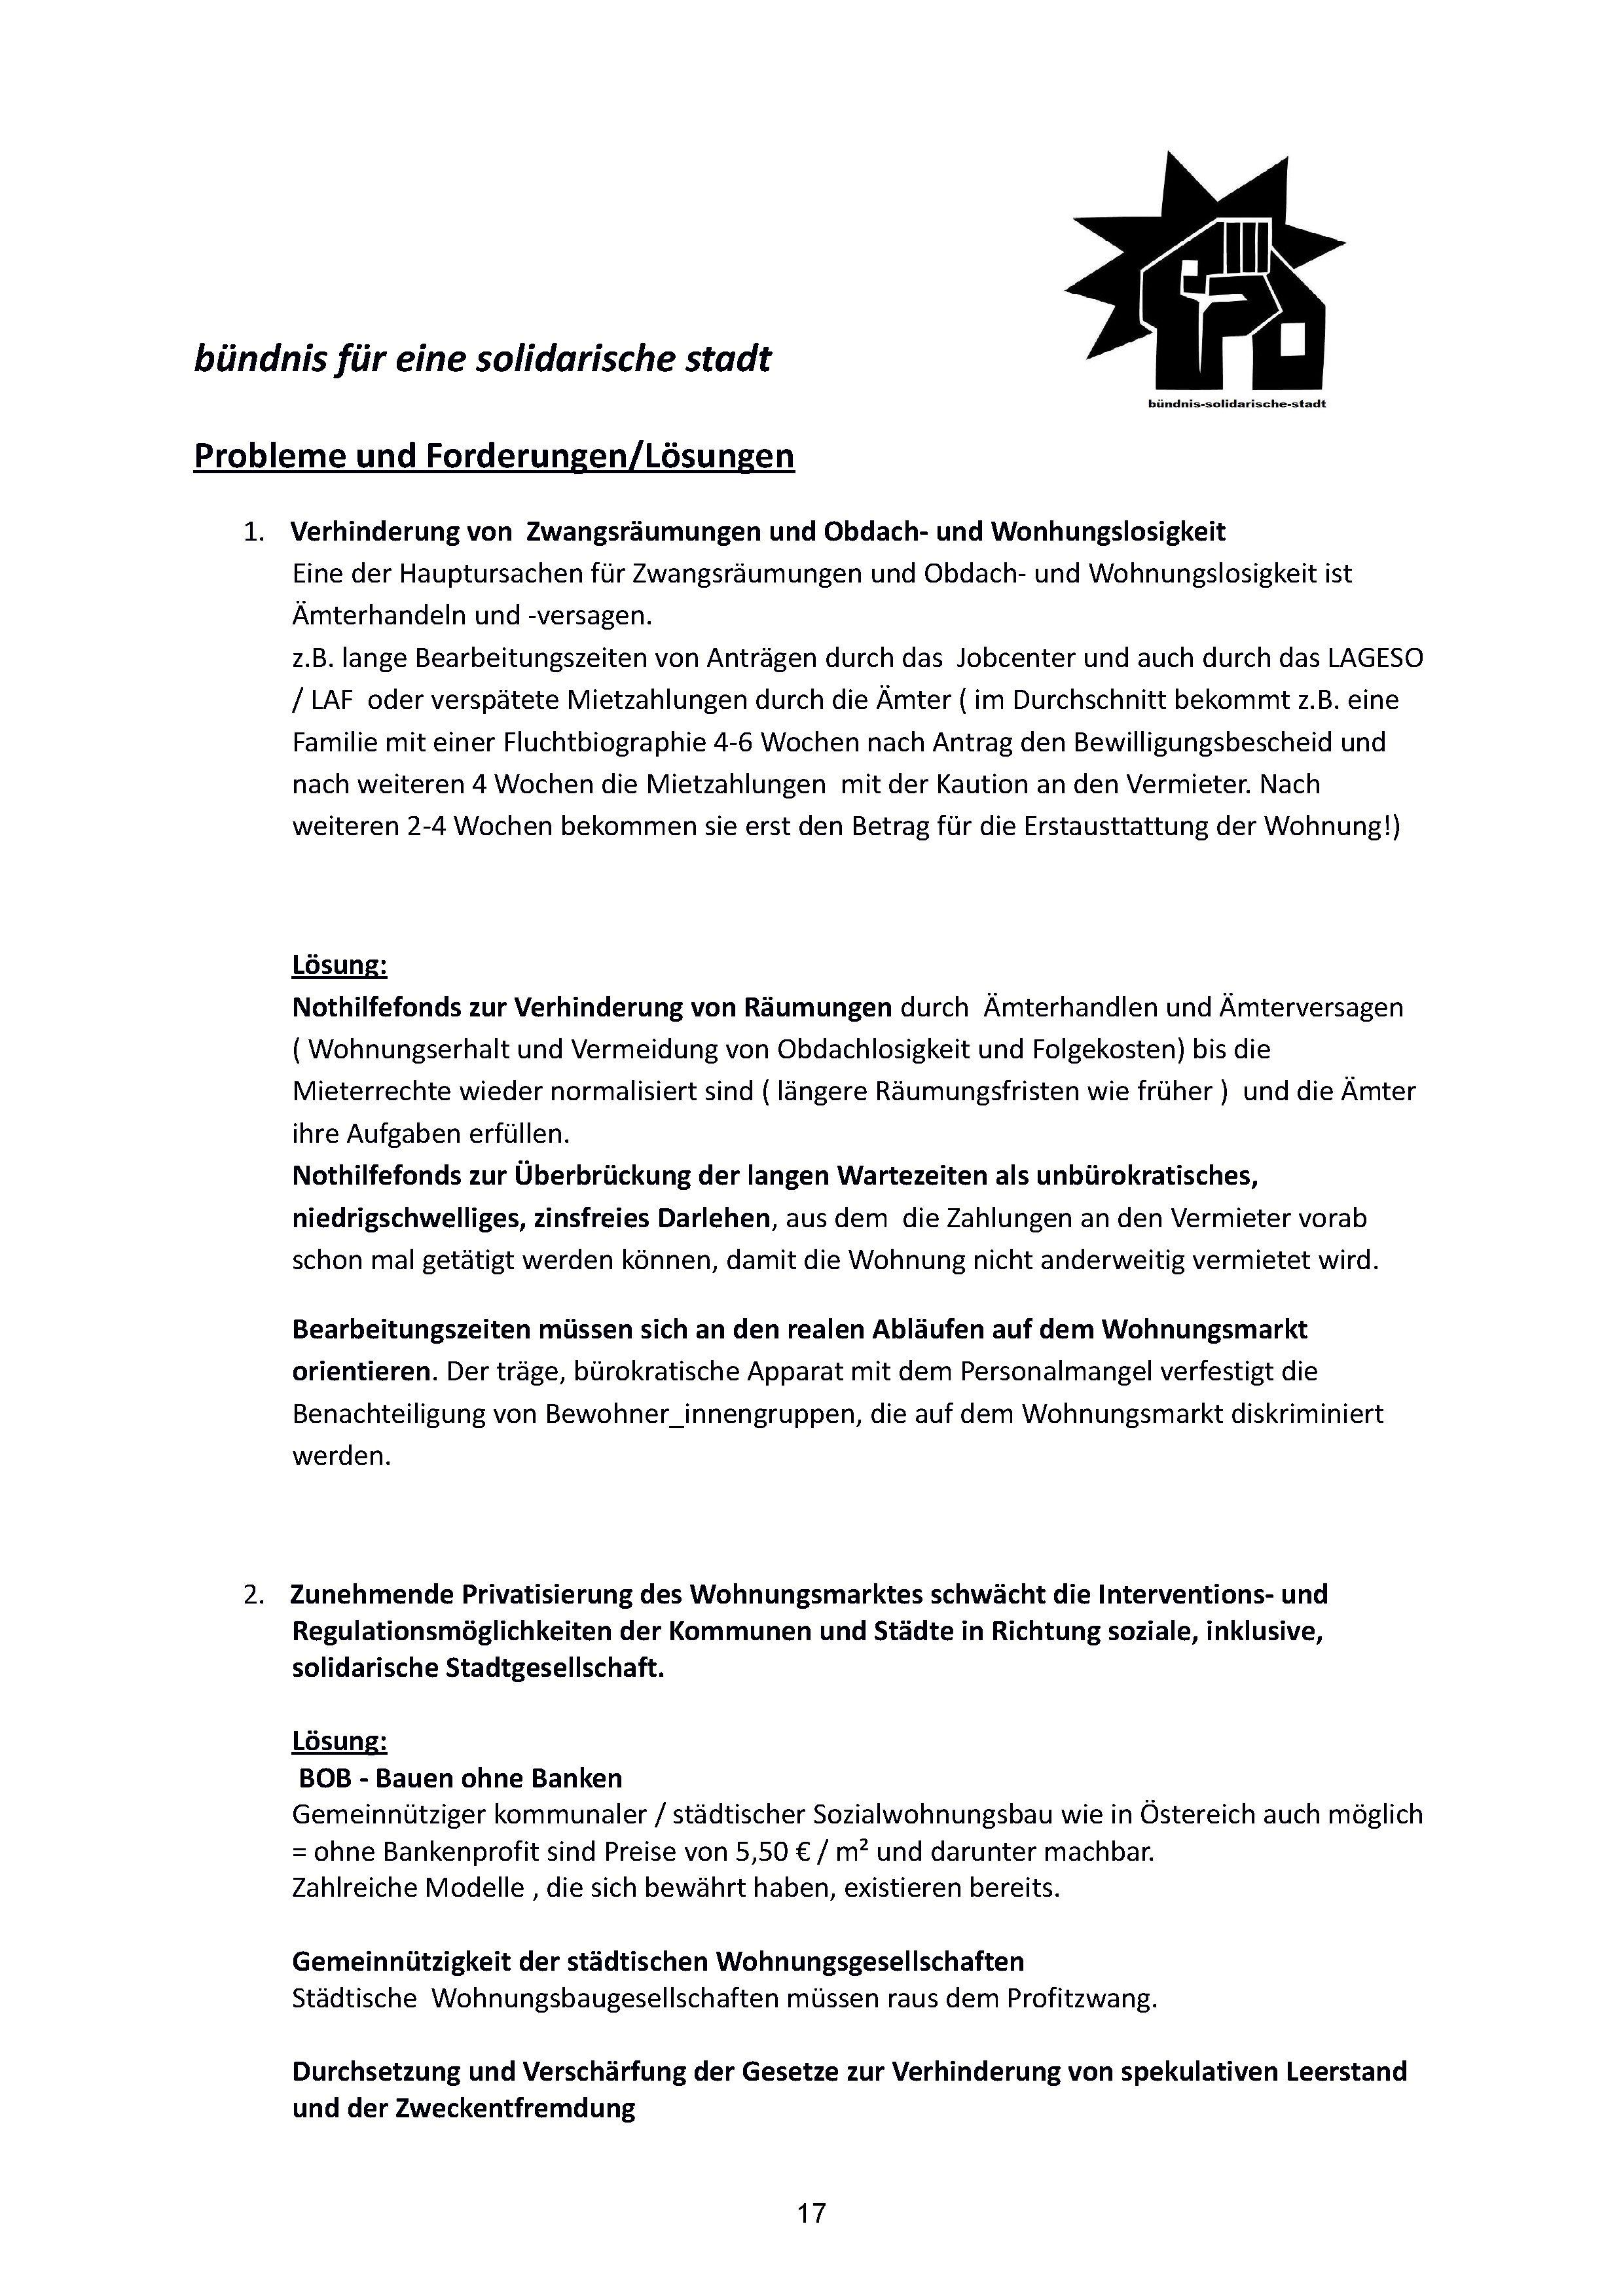 stadtpolitisches_hearing_021116_pressemappe1_seite_18